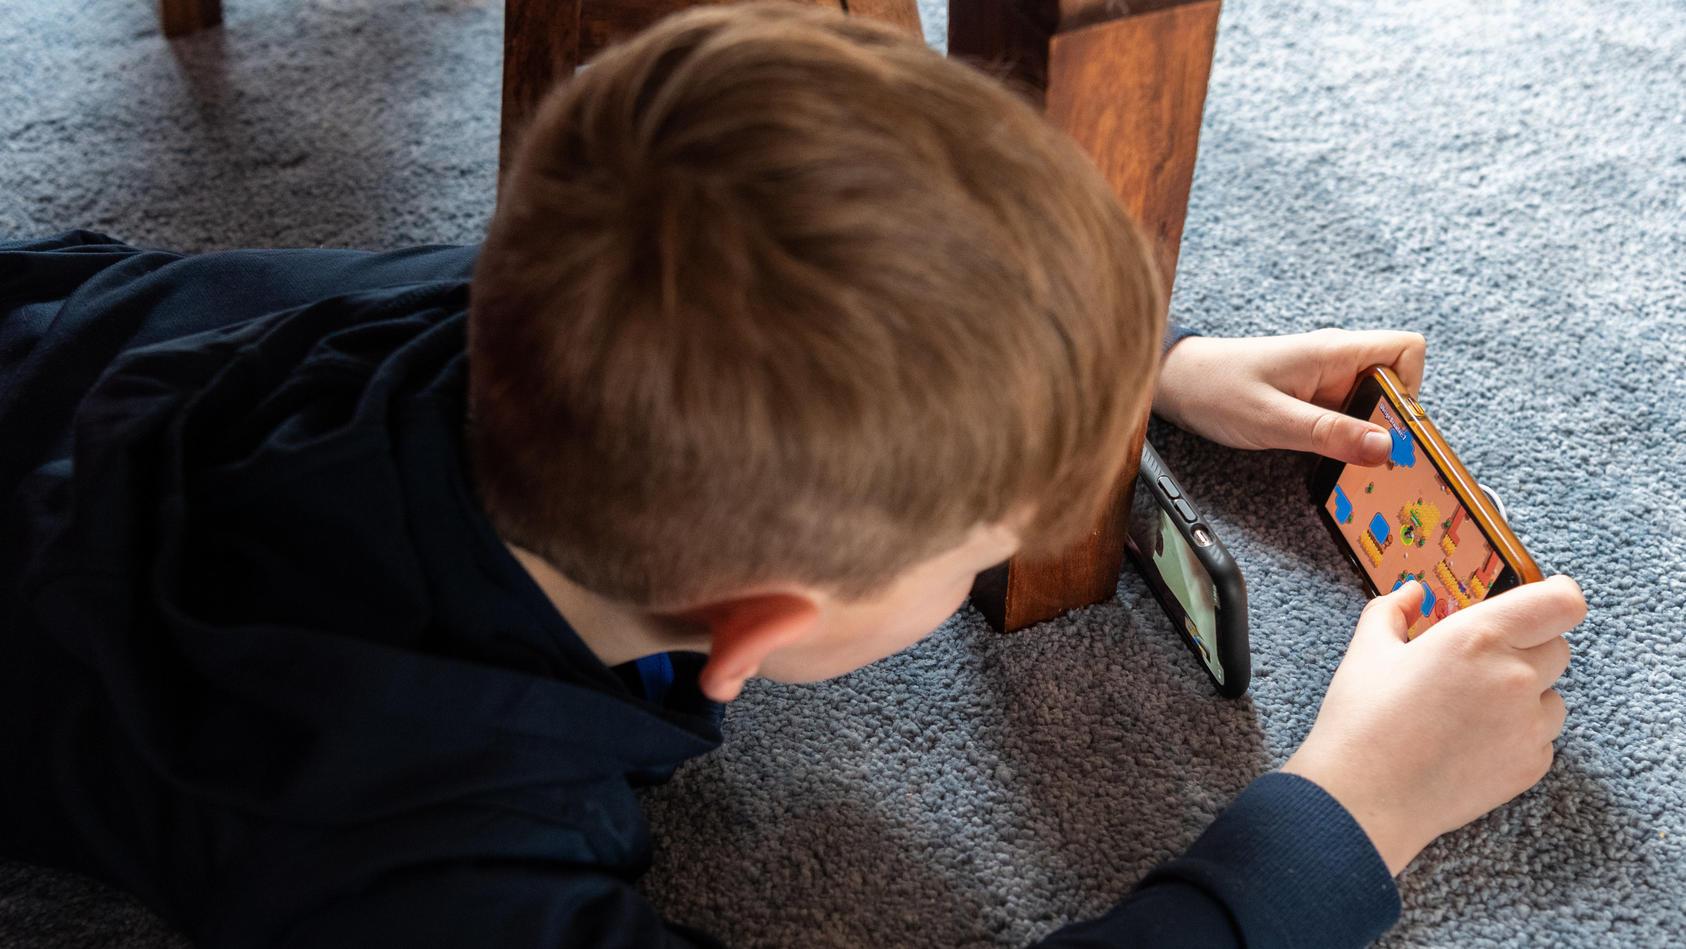 Ein siebenjähriger Junge hat mit einem Handyspiel rund 2.700 Euro verzockt.